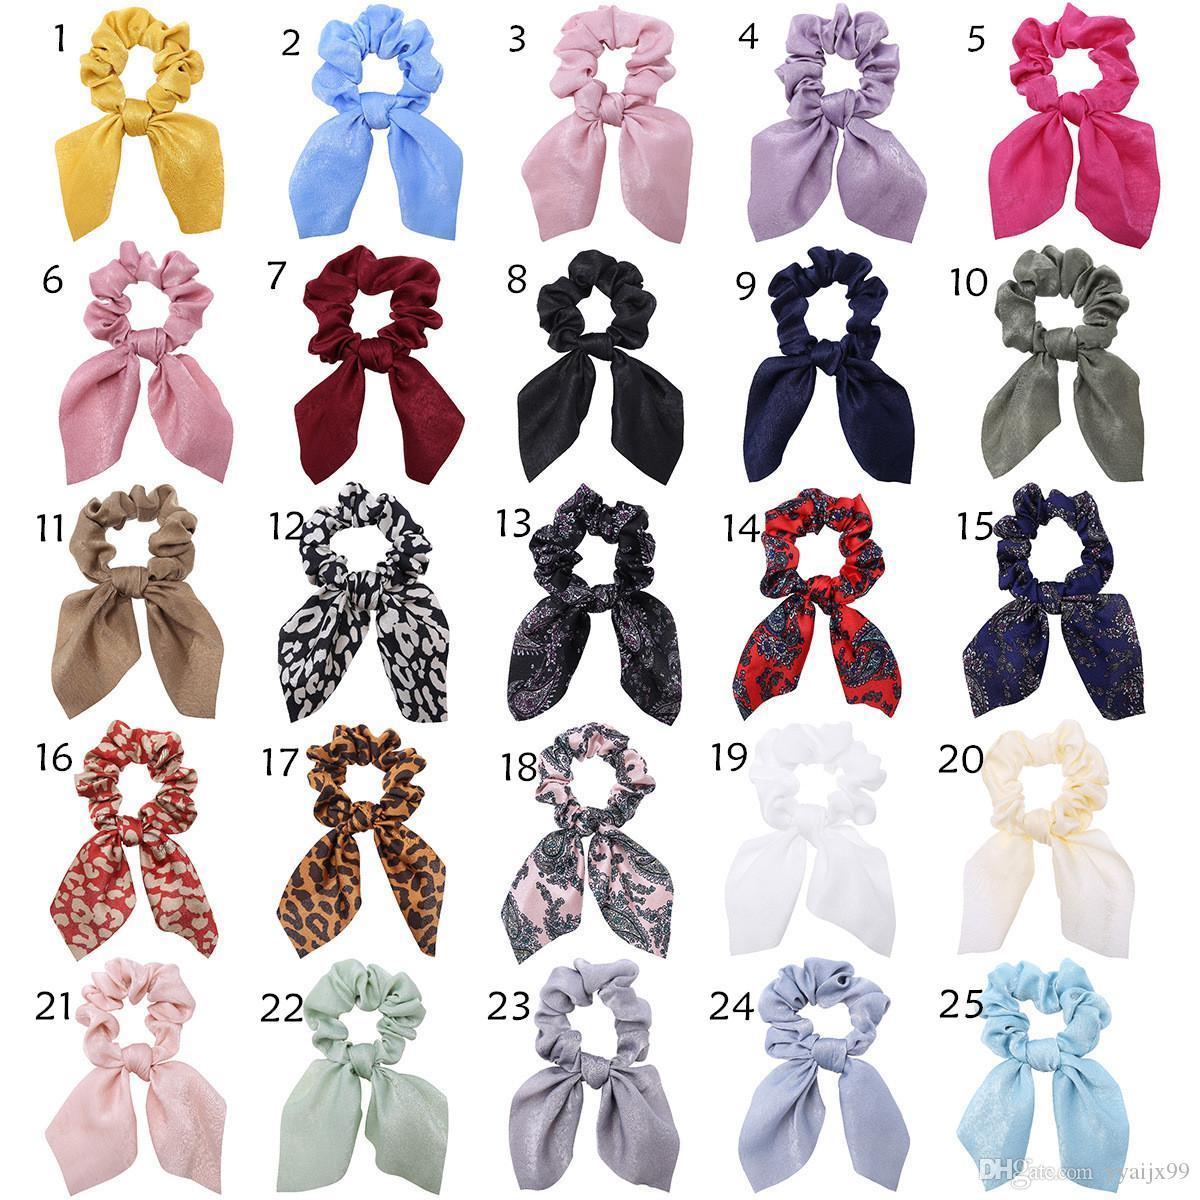 25 couleurs Vintage Big Bow long Chouchous cheveux Bow Femmes Accessoires Bandeaux Liens Scrunchie Porte-caoutchouc Corde Ponytail Décoration